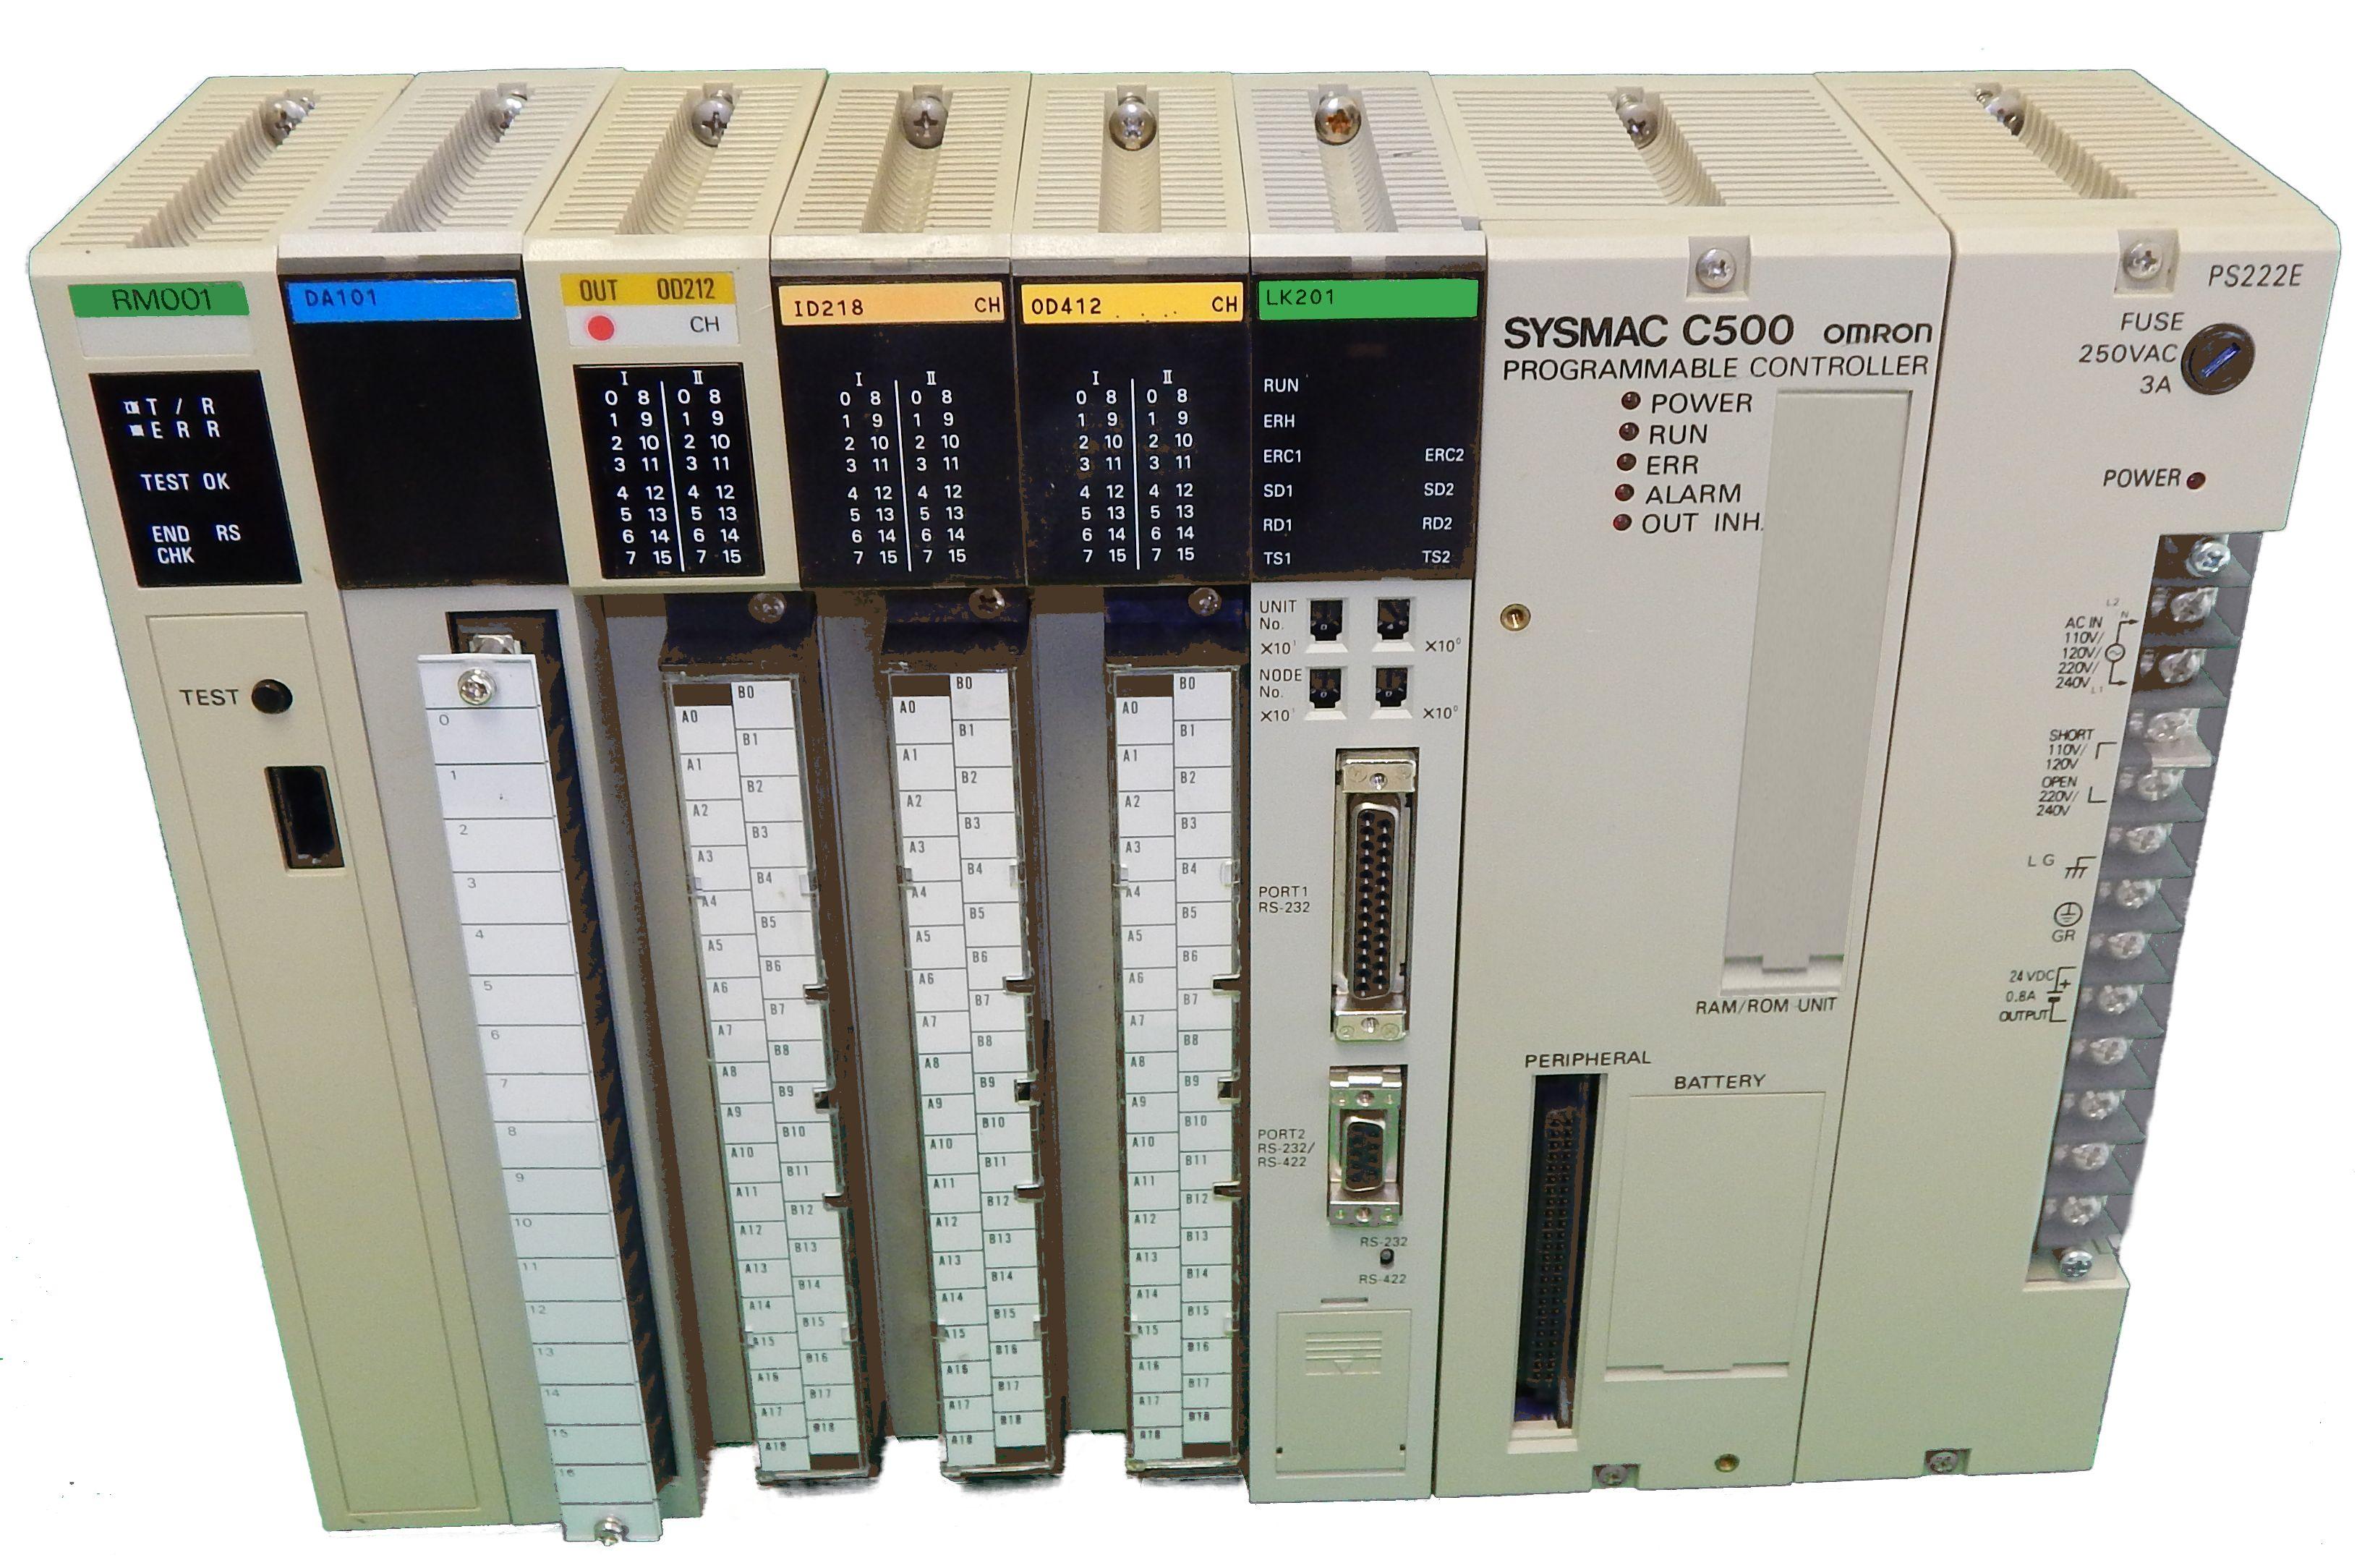 3G2A5-COV11